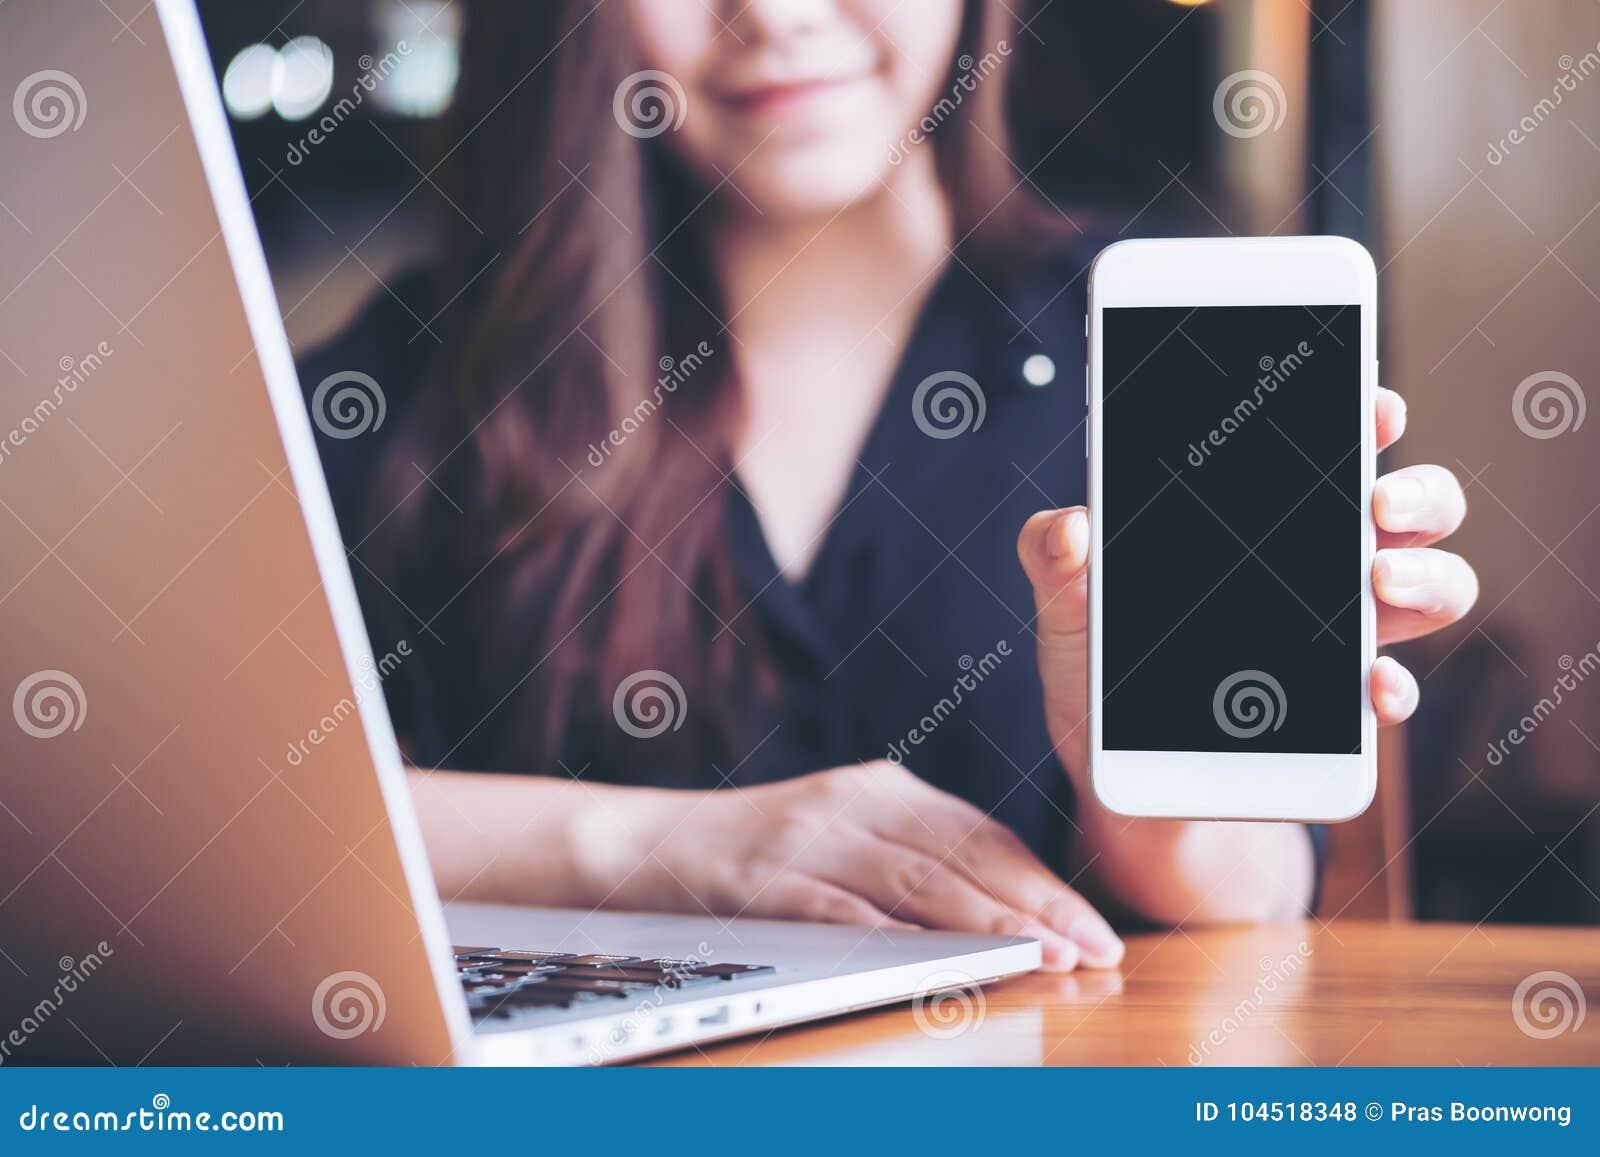 Imagen de la maqueta de una mujer hermosa asiática sonriente que sostiene y que muestra el teléfono móvil blanco con la pantalla